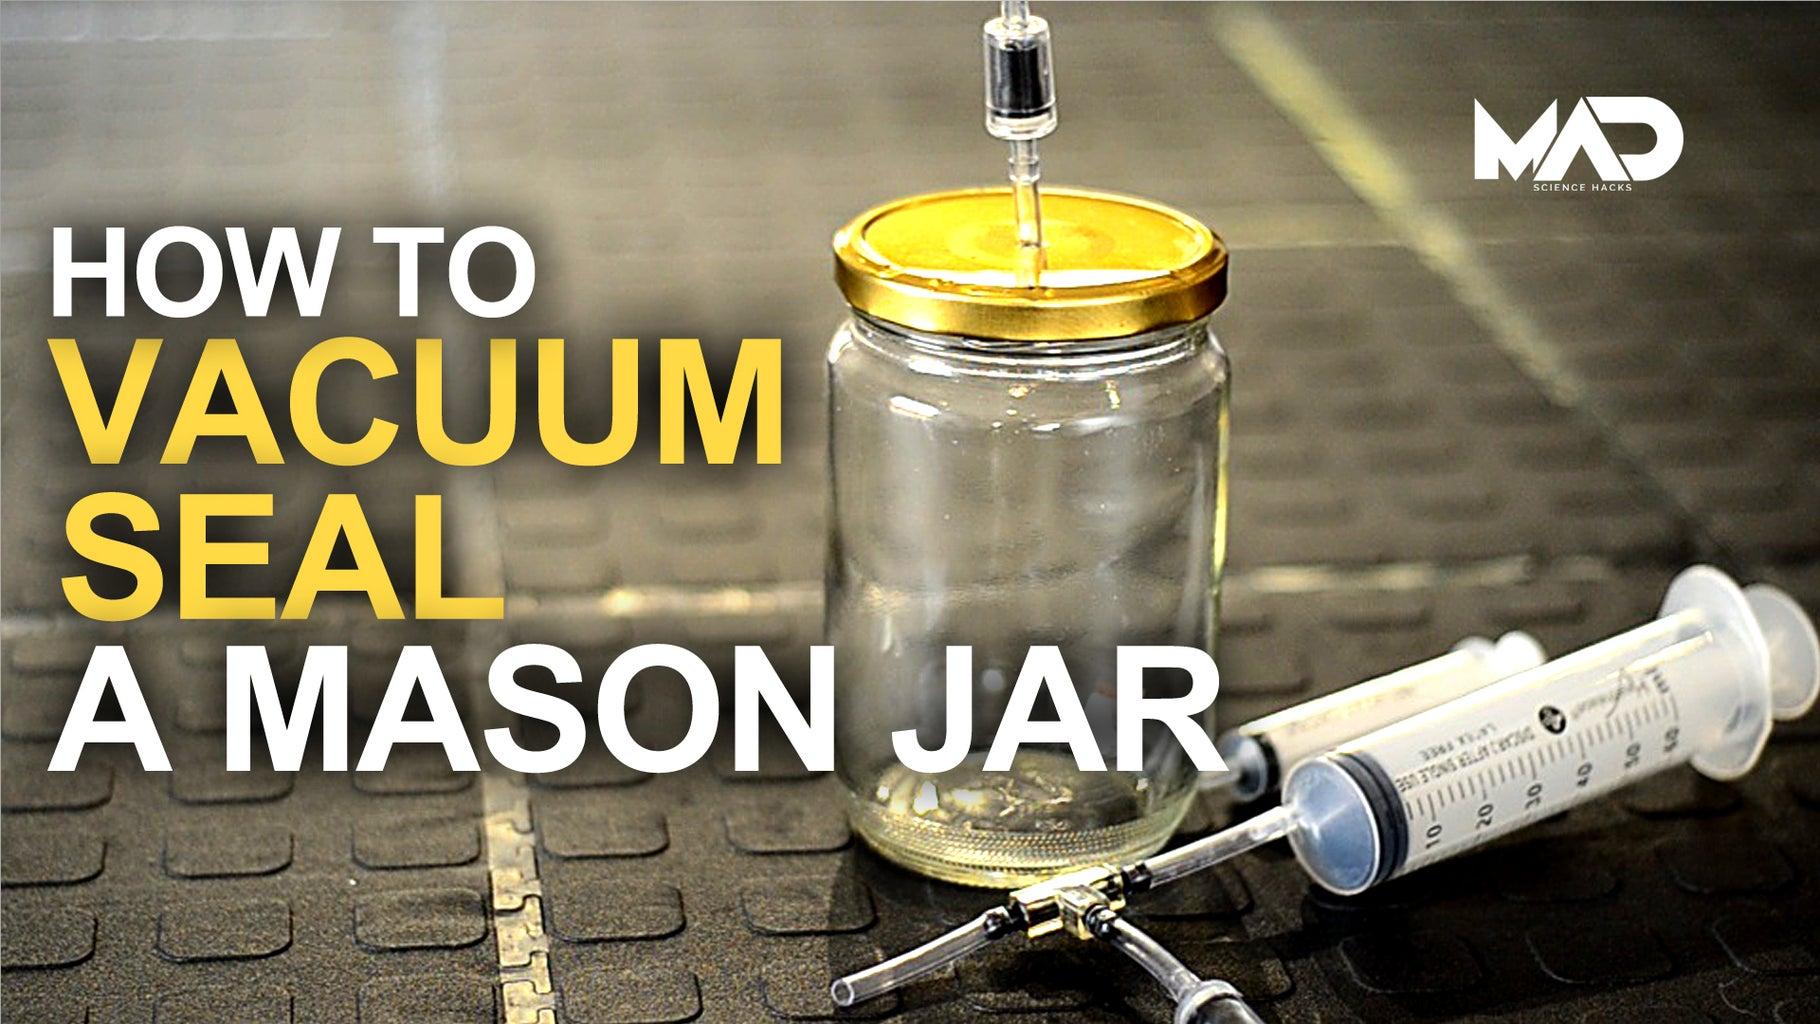 How to Vacuum Seal a Mason Jar